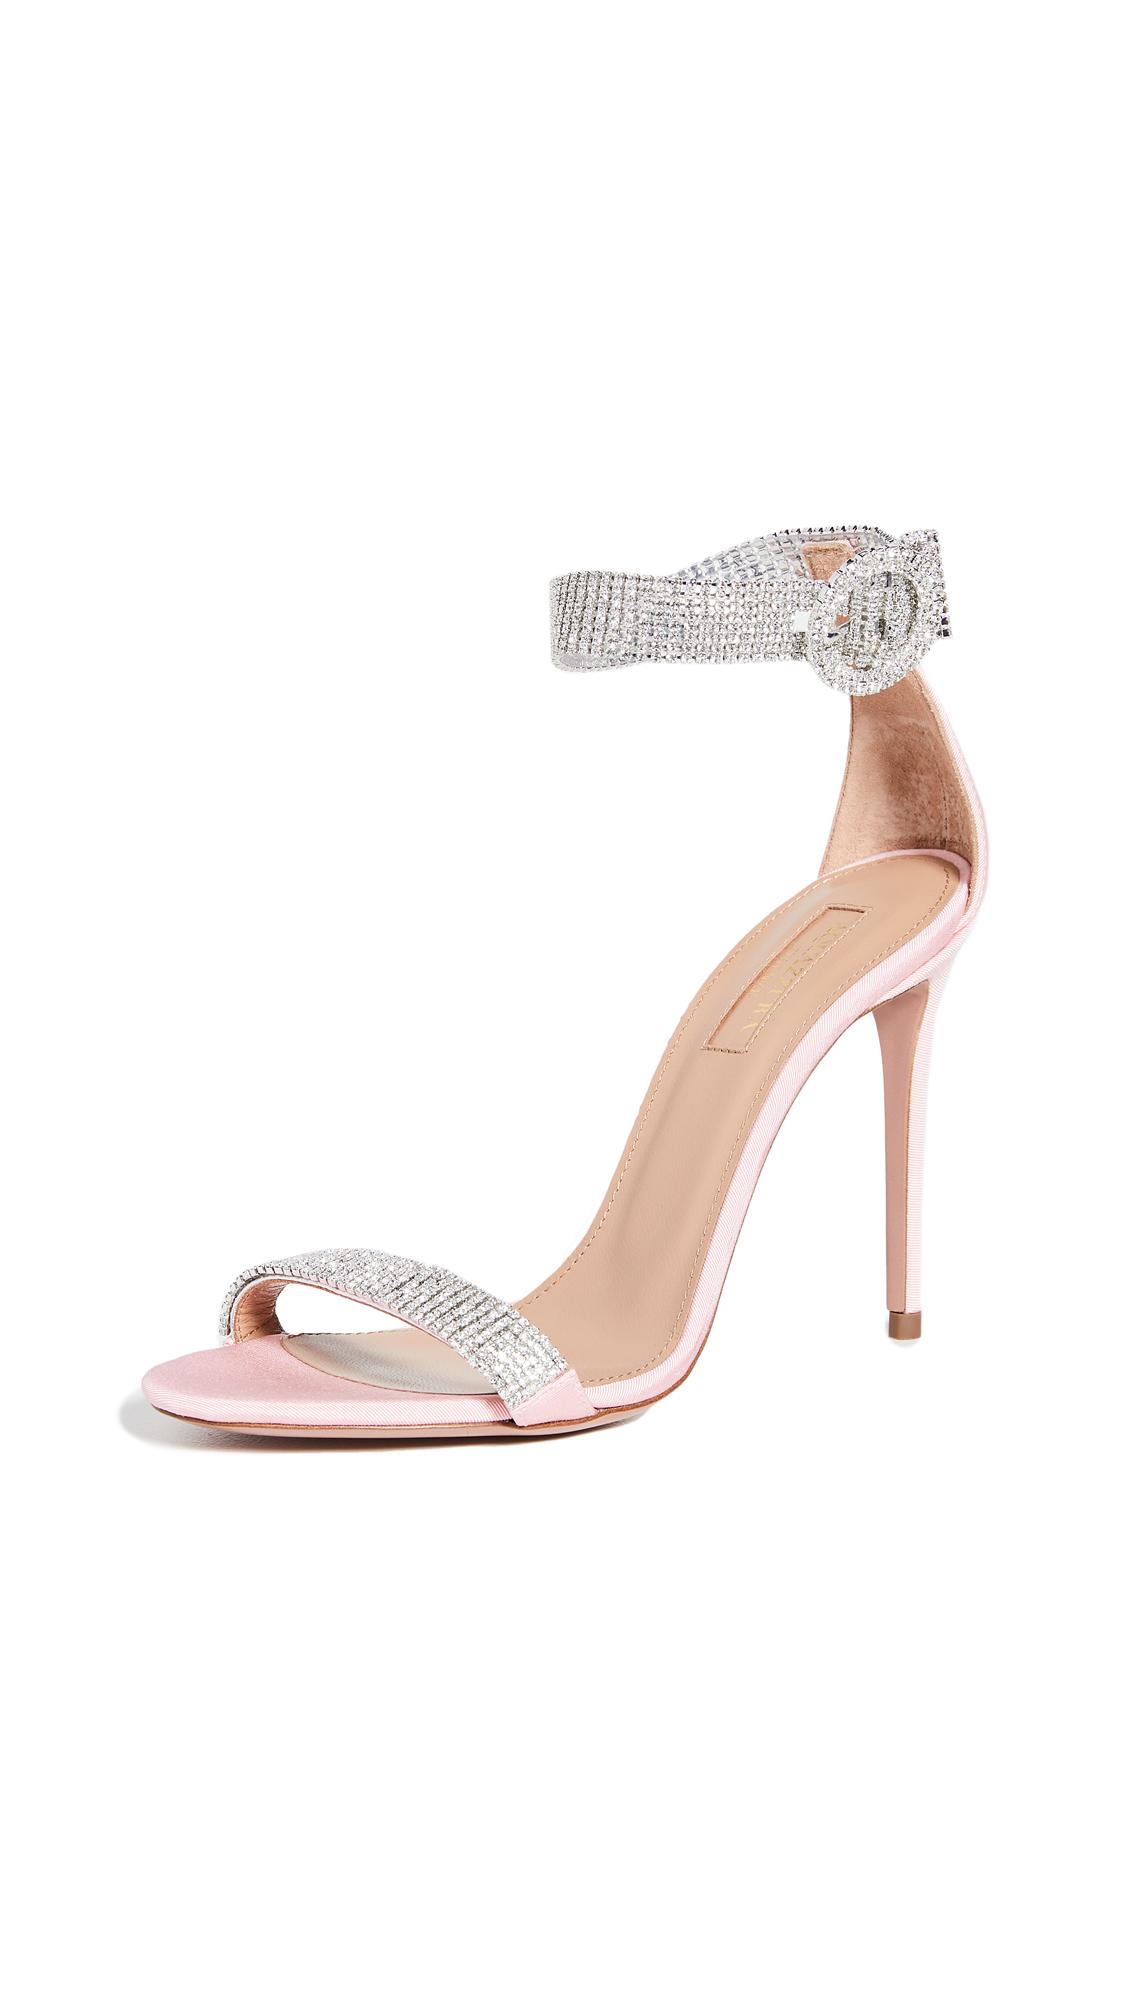 Buy Aquazzura 105mm Chain Reaction Sandals online, shop Aquazzura